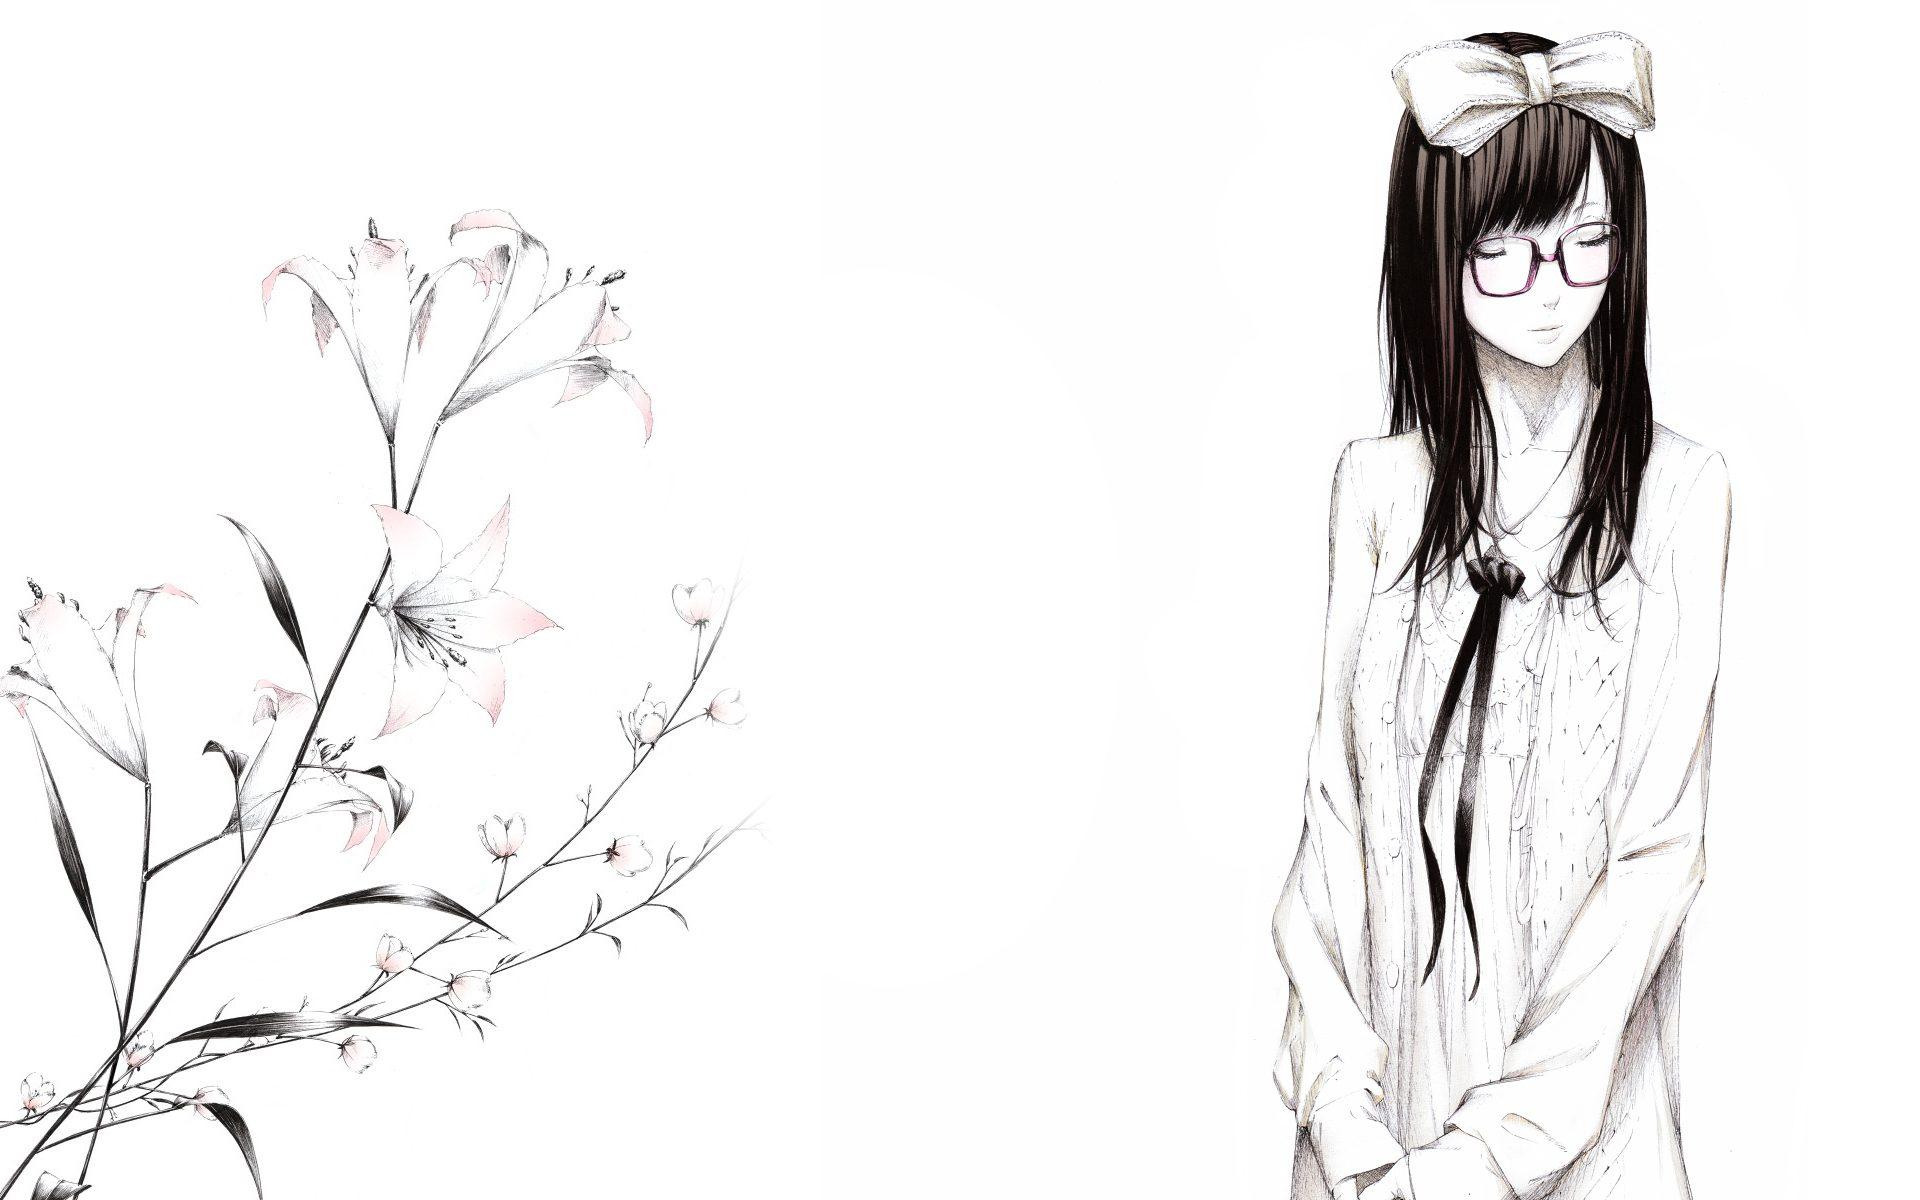 картинки аниме в хорошем качестве: